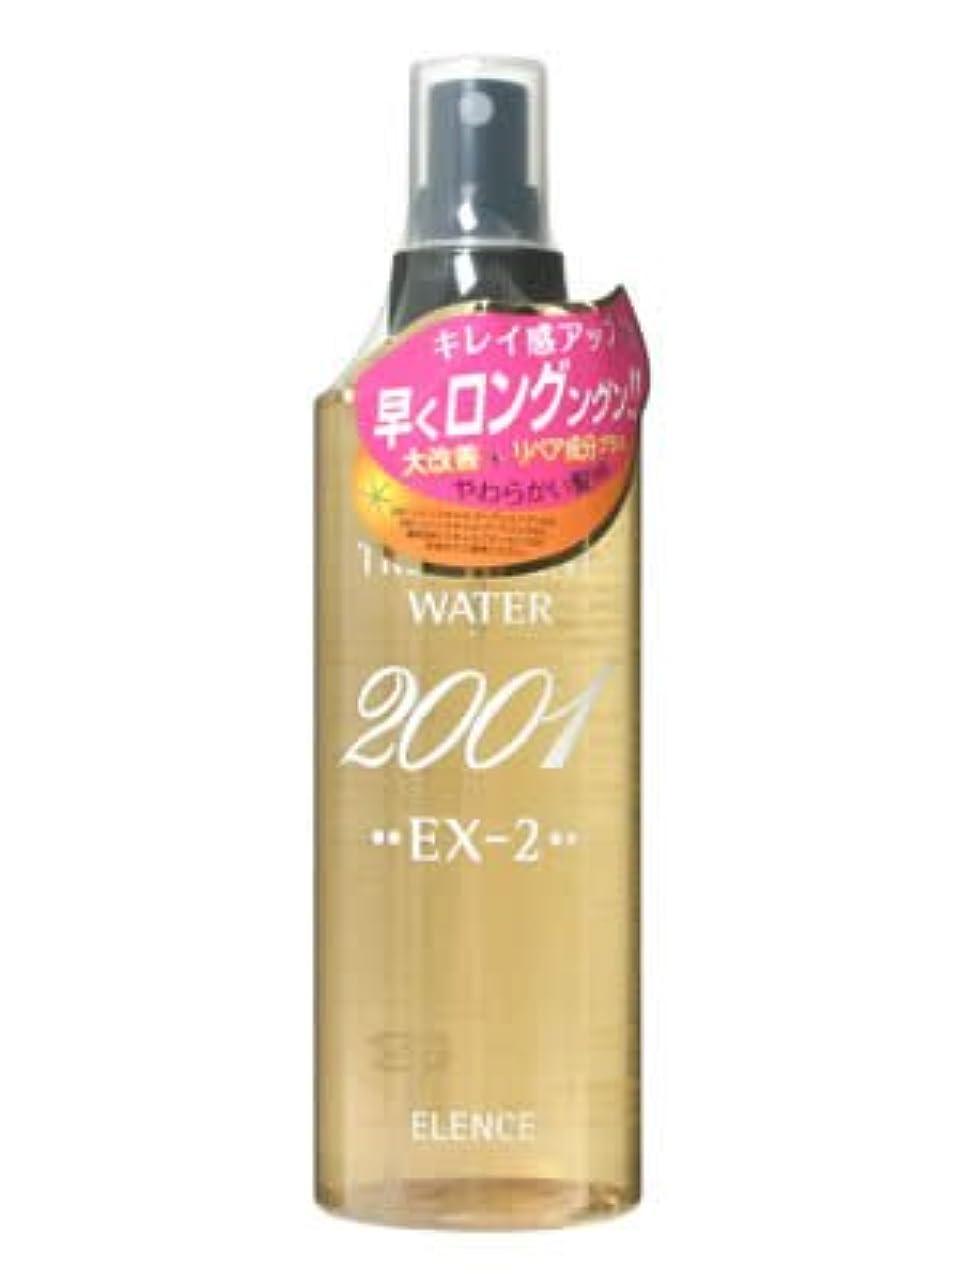 結紮中性なめるエレンス2001 スキャルプトリートメントウォーターEX-2(やわらかい髪用)